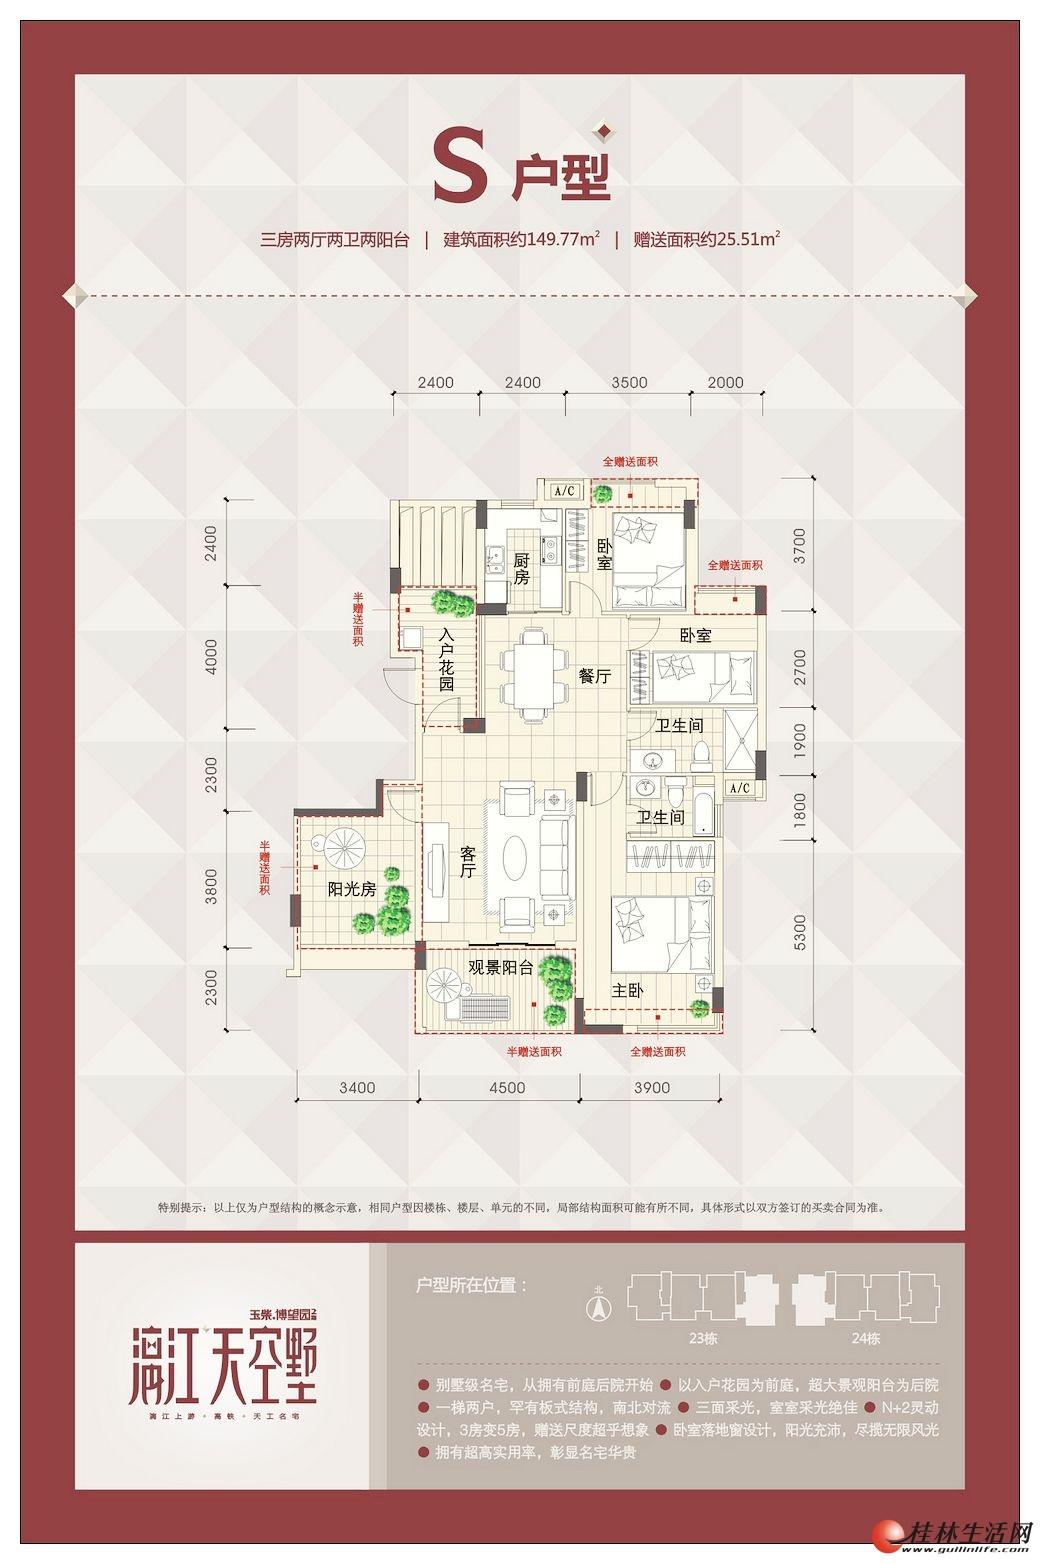 S户型 三房两厅两卫 149.77㎡